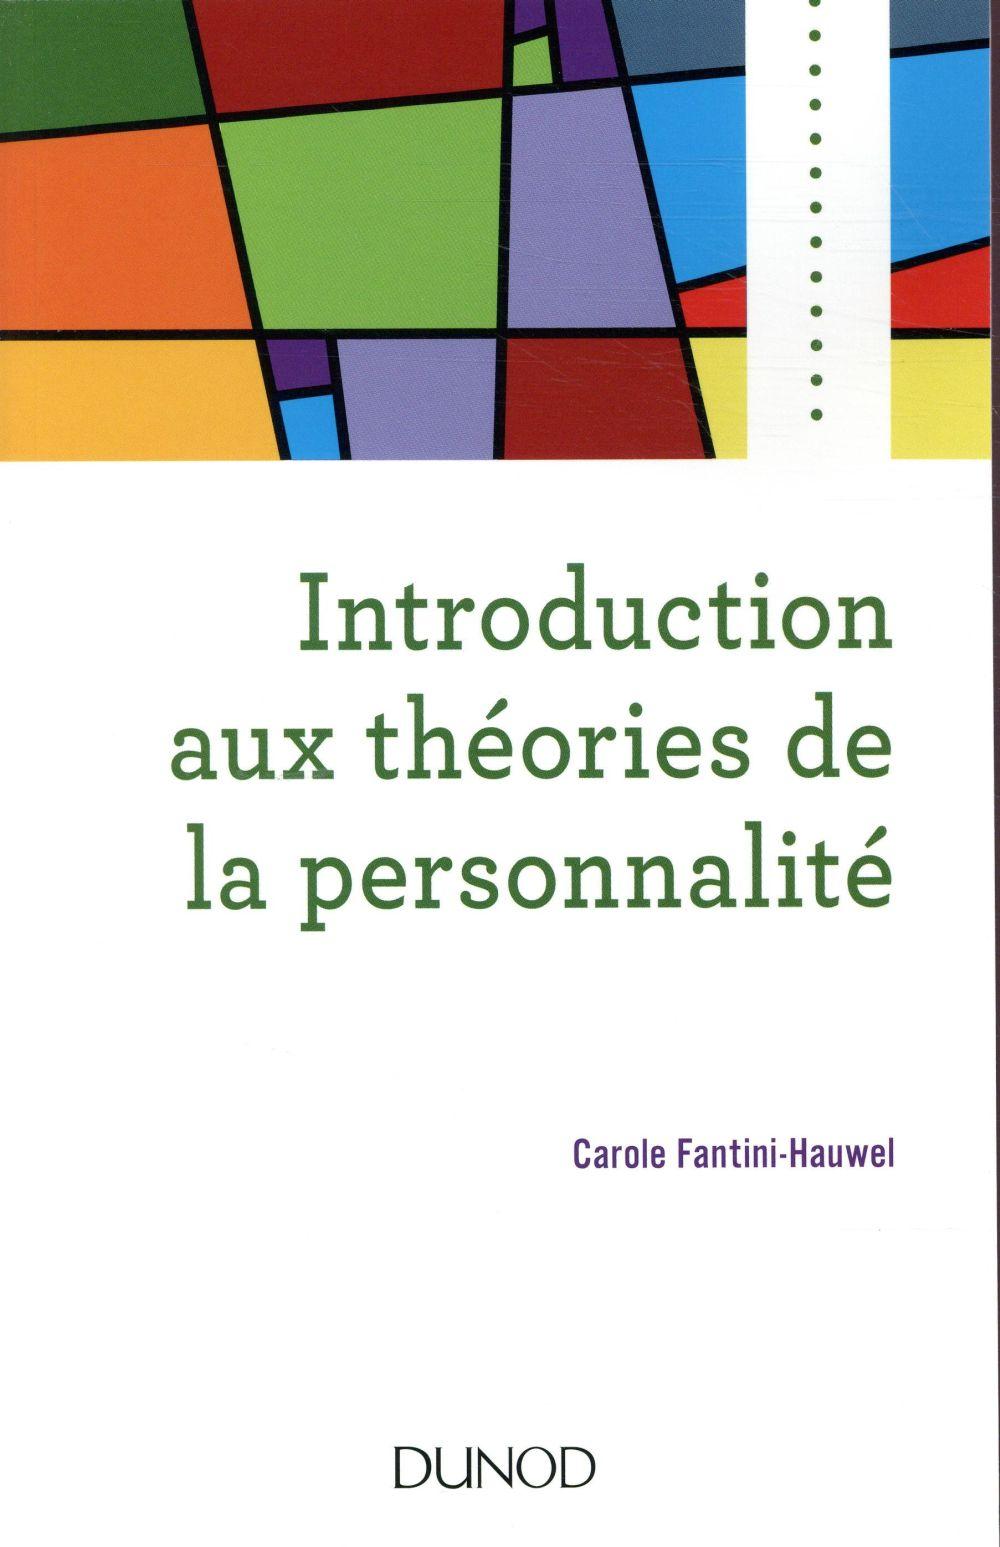 INTRODUCTION AUX THEORIES DE LA PERSONNALITE